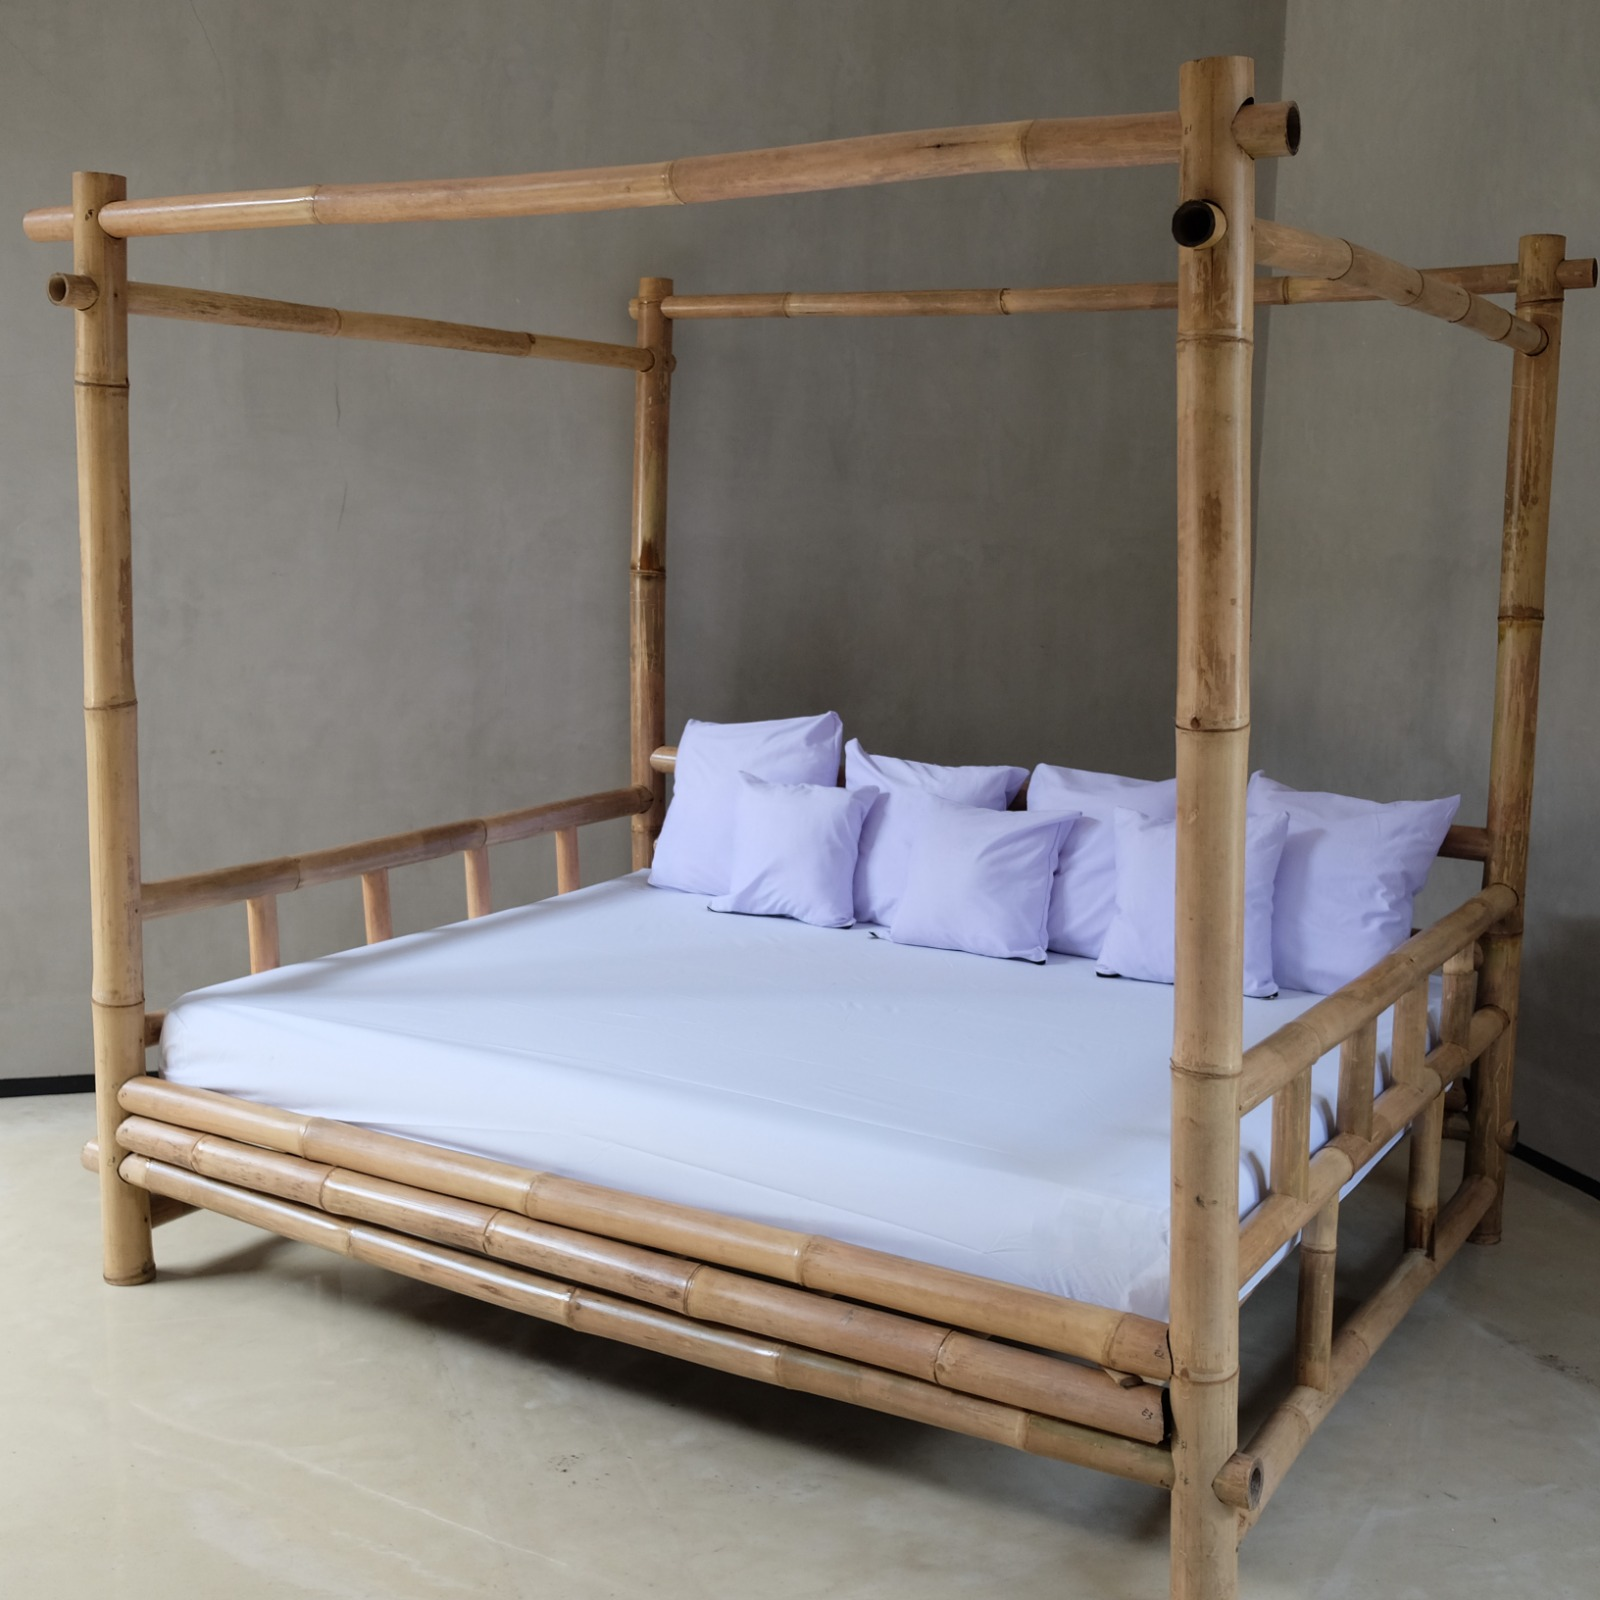 מיטת אפיריון דגם java מידת מזרן 200*160 נתין להזמין בכל מידה